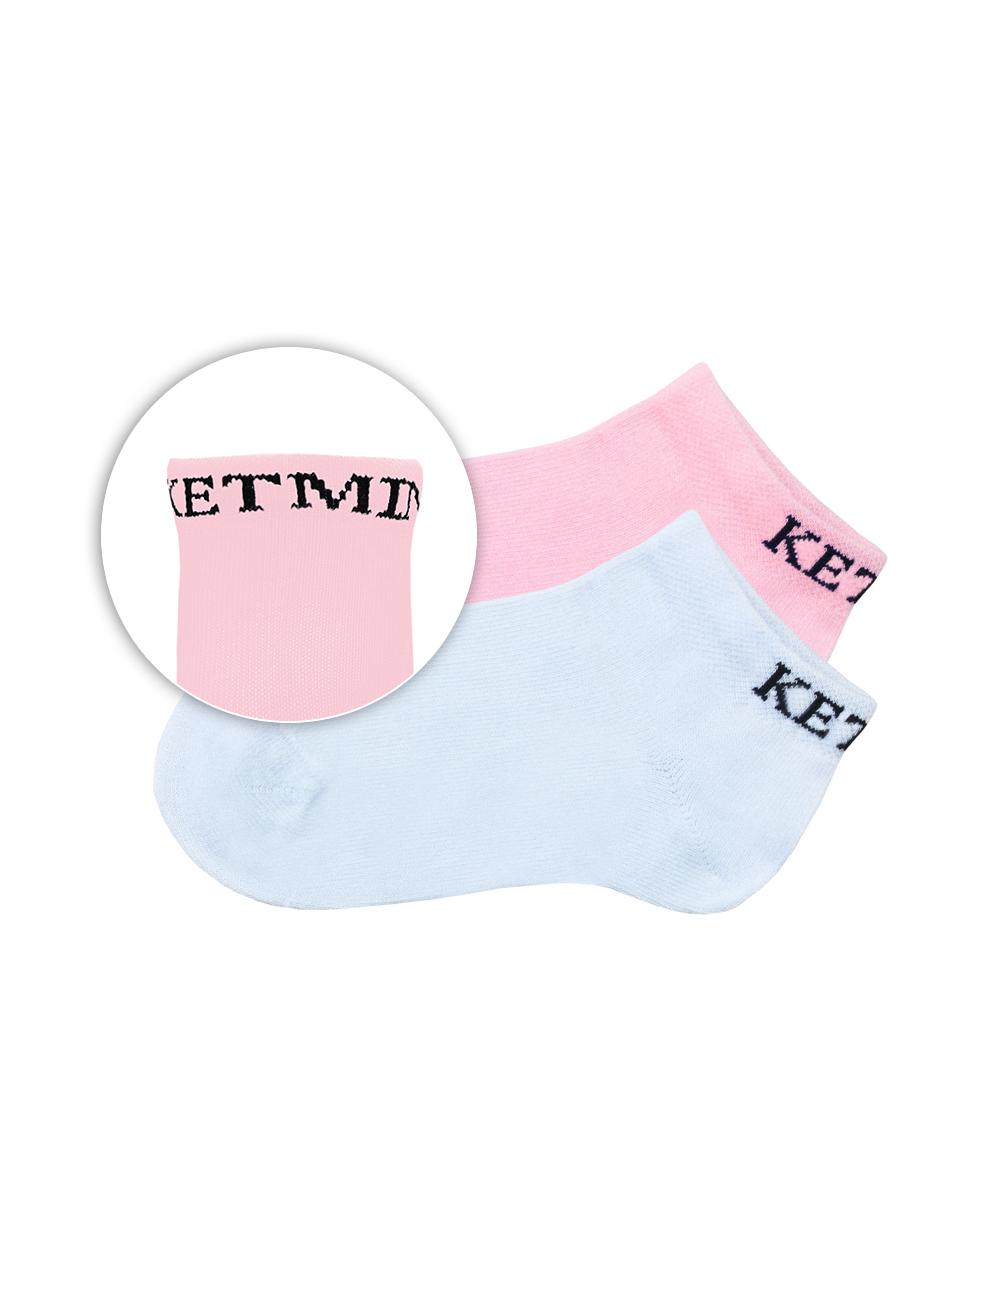 Носки KETMIN Exclusive цв.Белый/Розовый